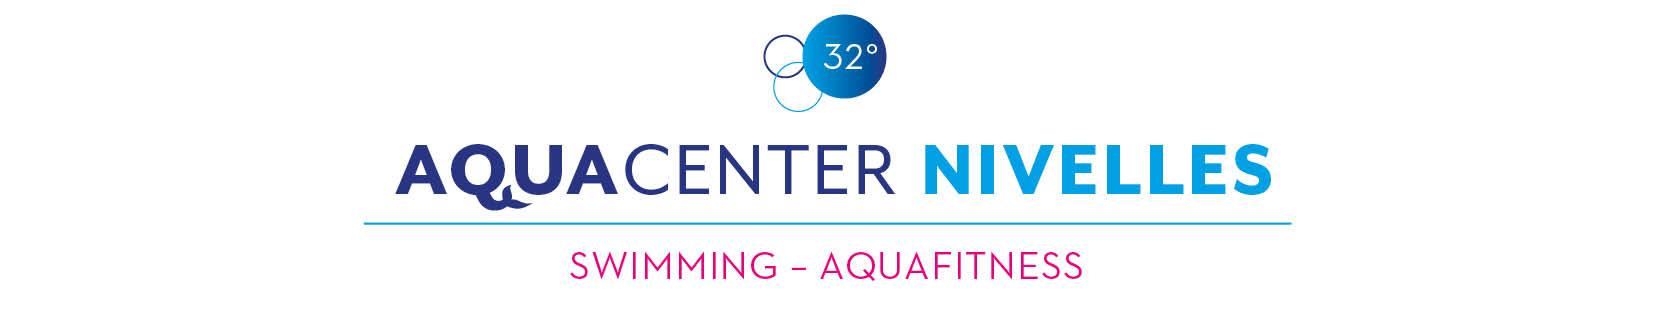 Aqua Center Quinot ( Swimming - Aquafitness)